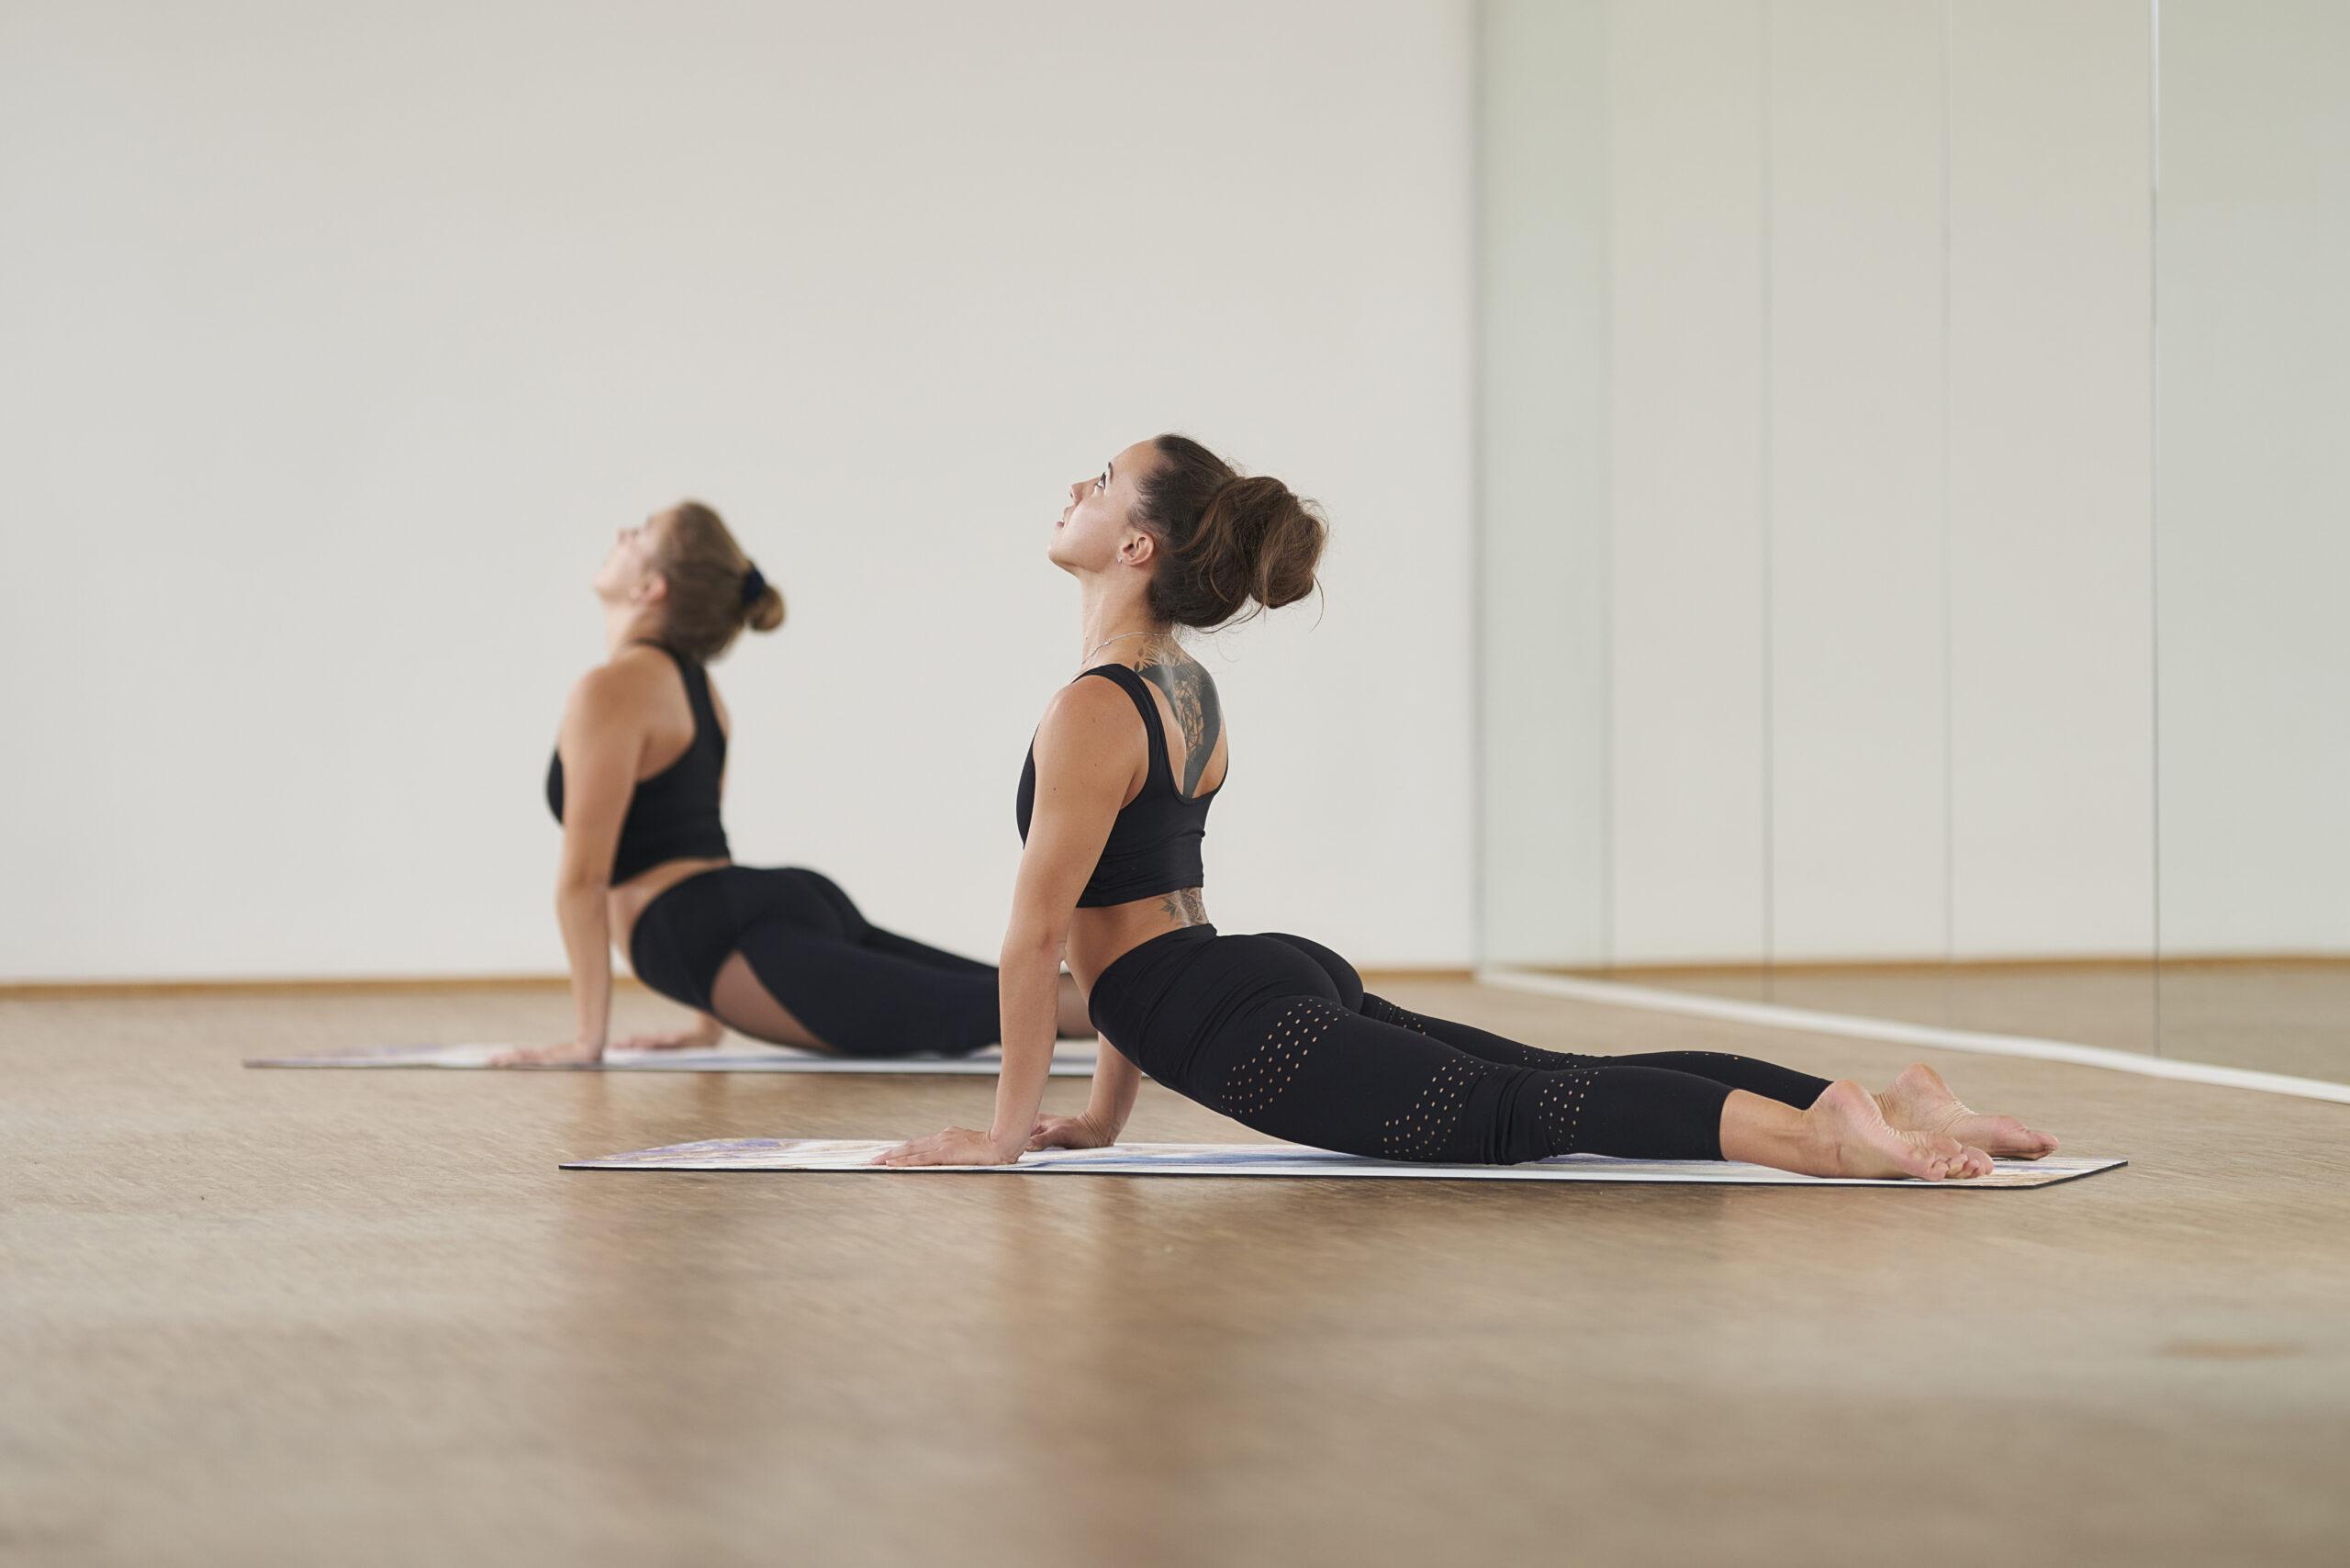 munich-poledance-body-and-mind-1